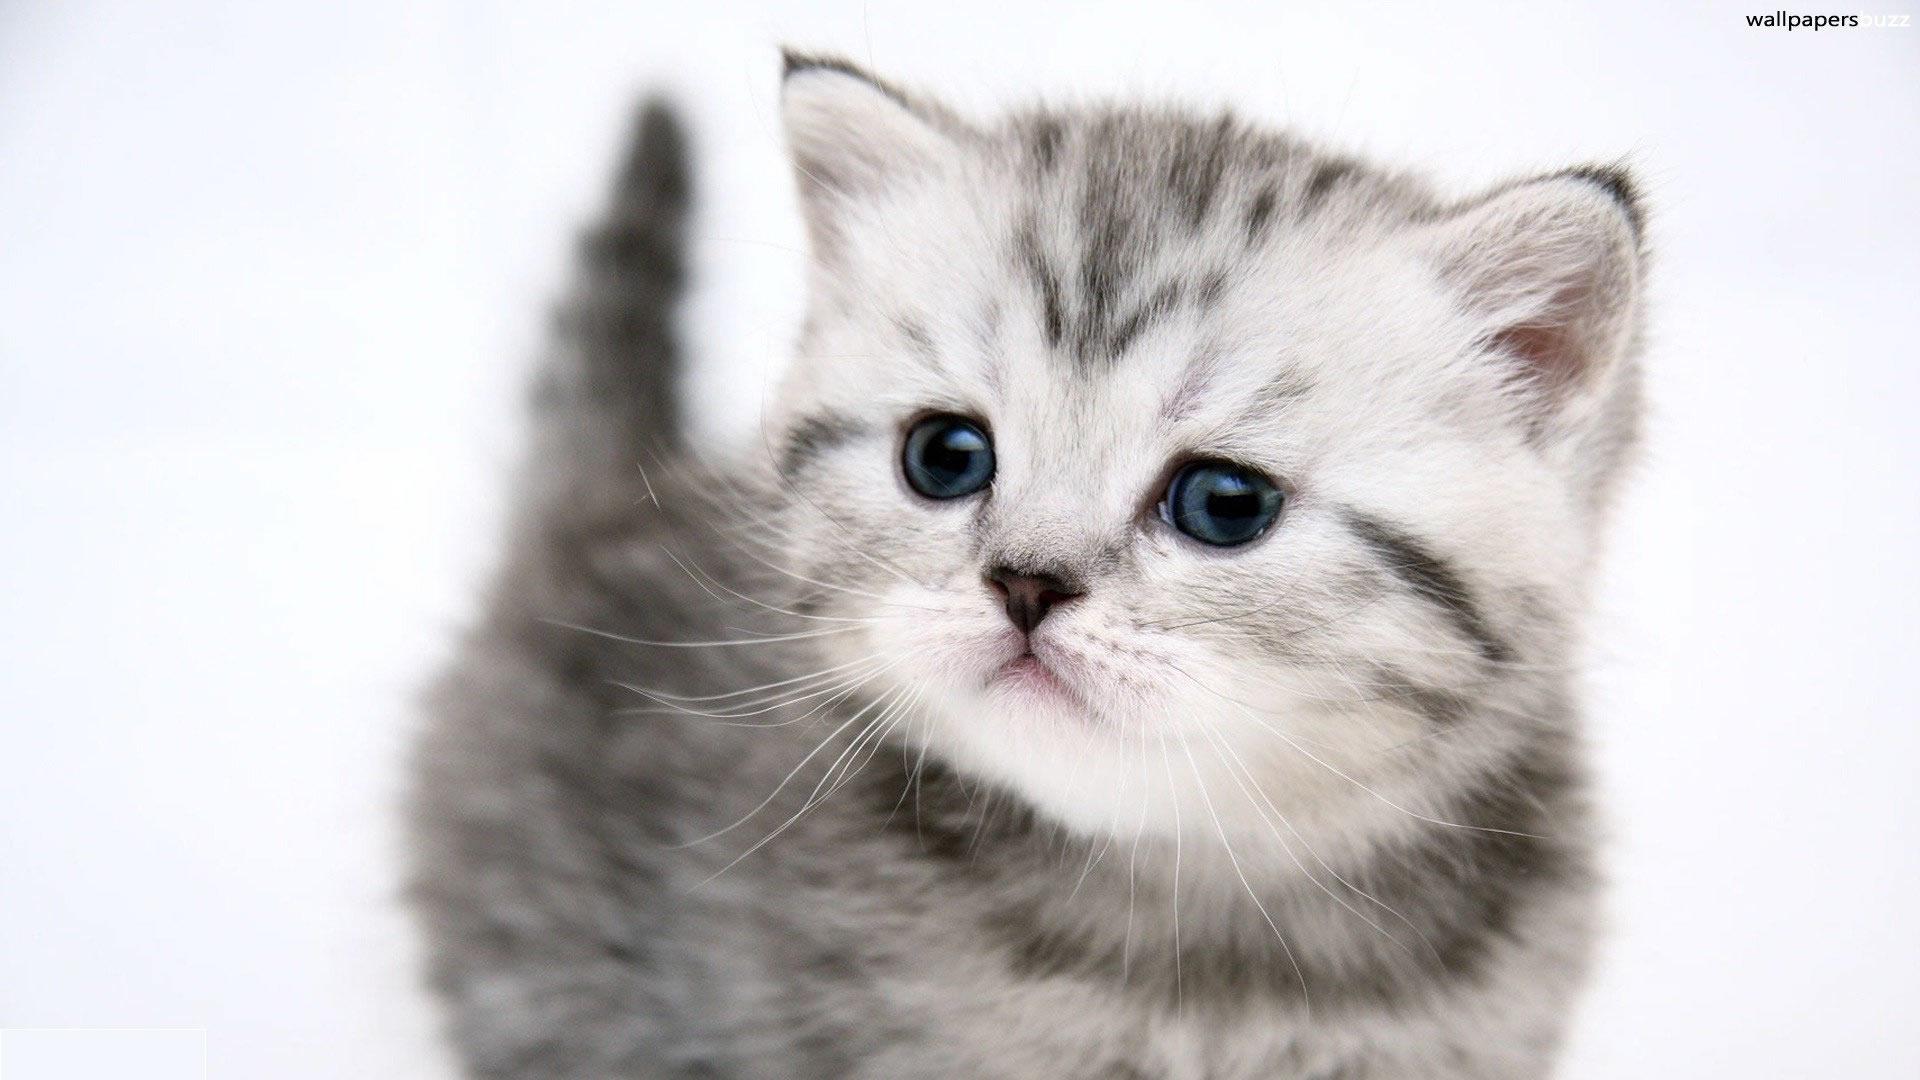 милый, маленький серый котенок, скачать фото, обои для рабочего стола, kitten wallpaper